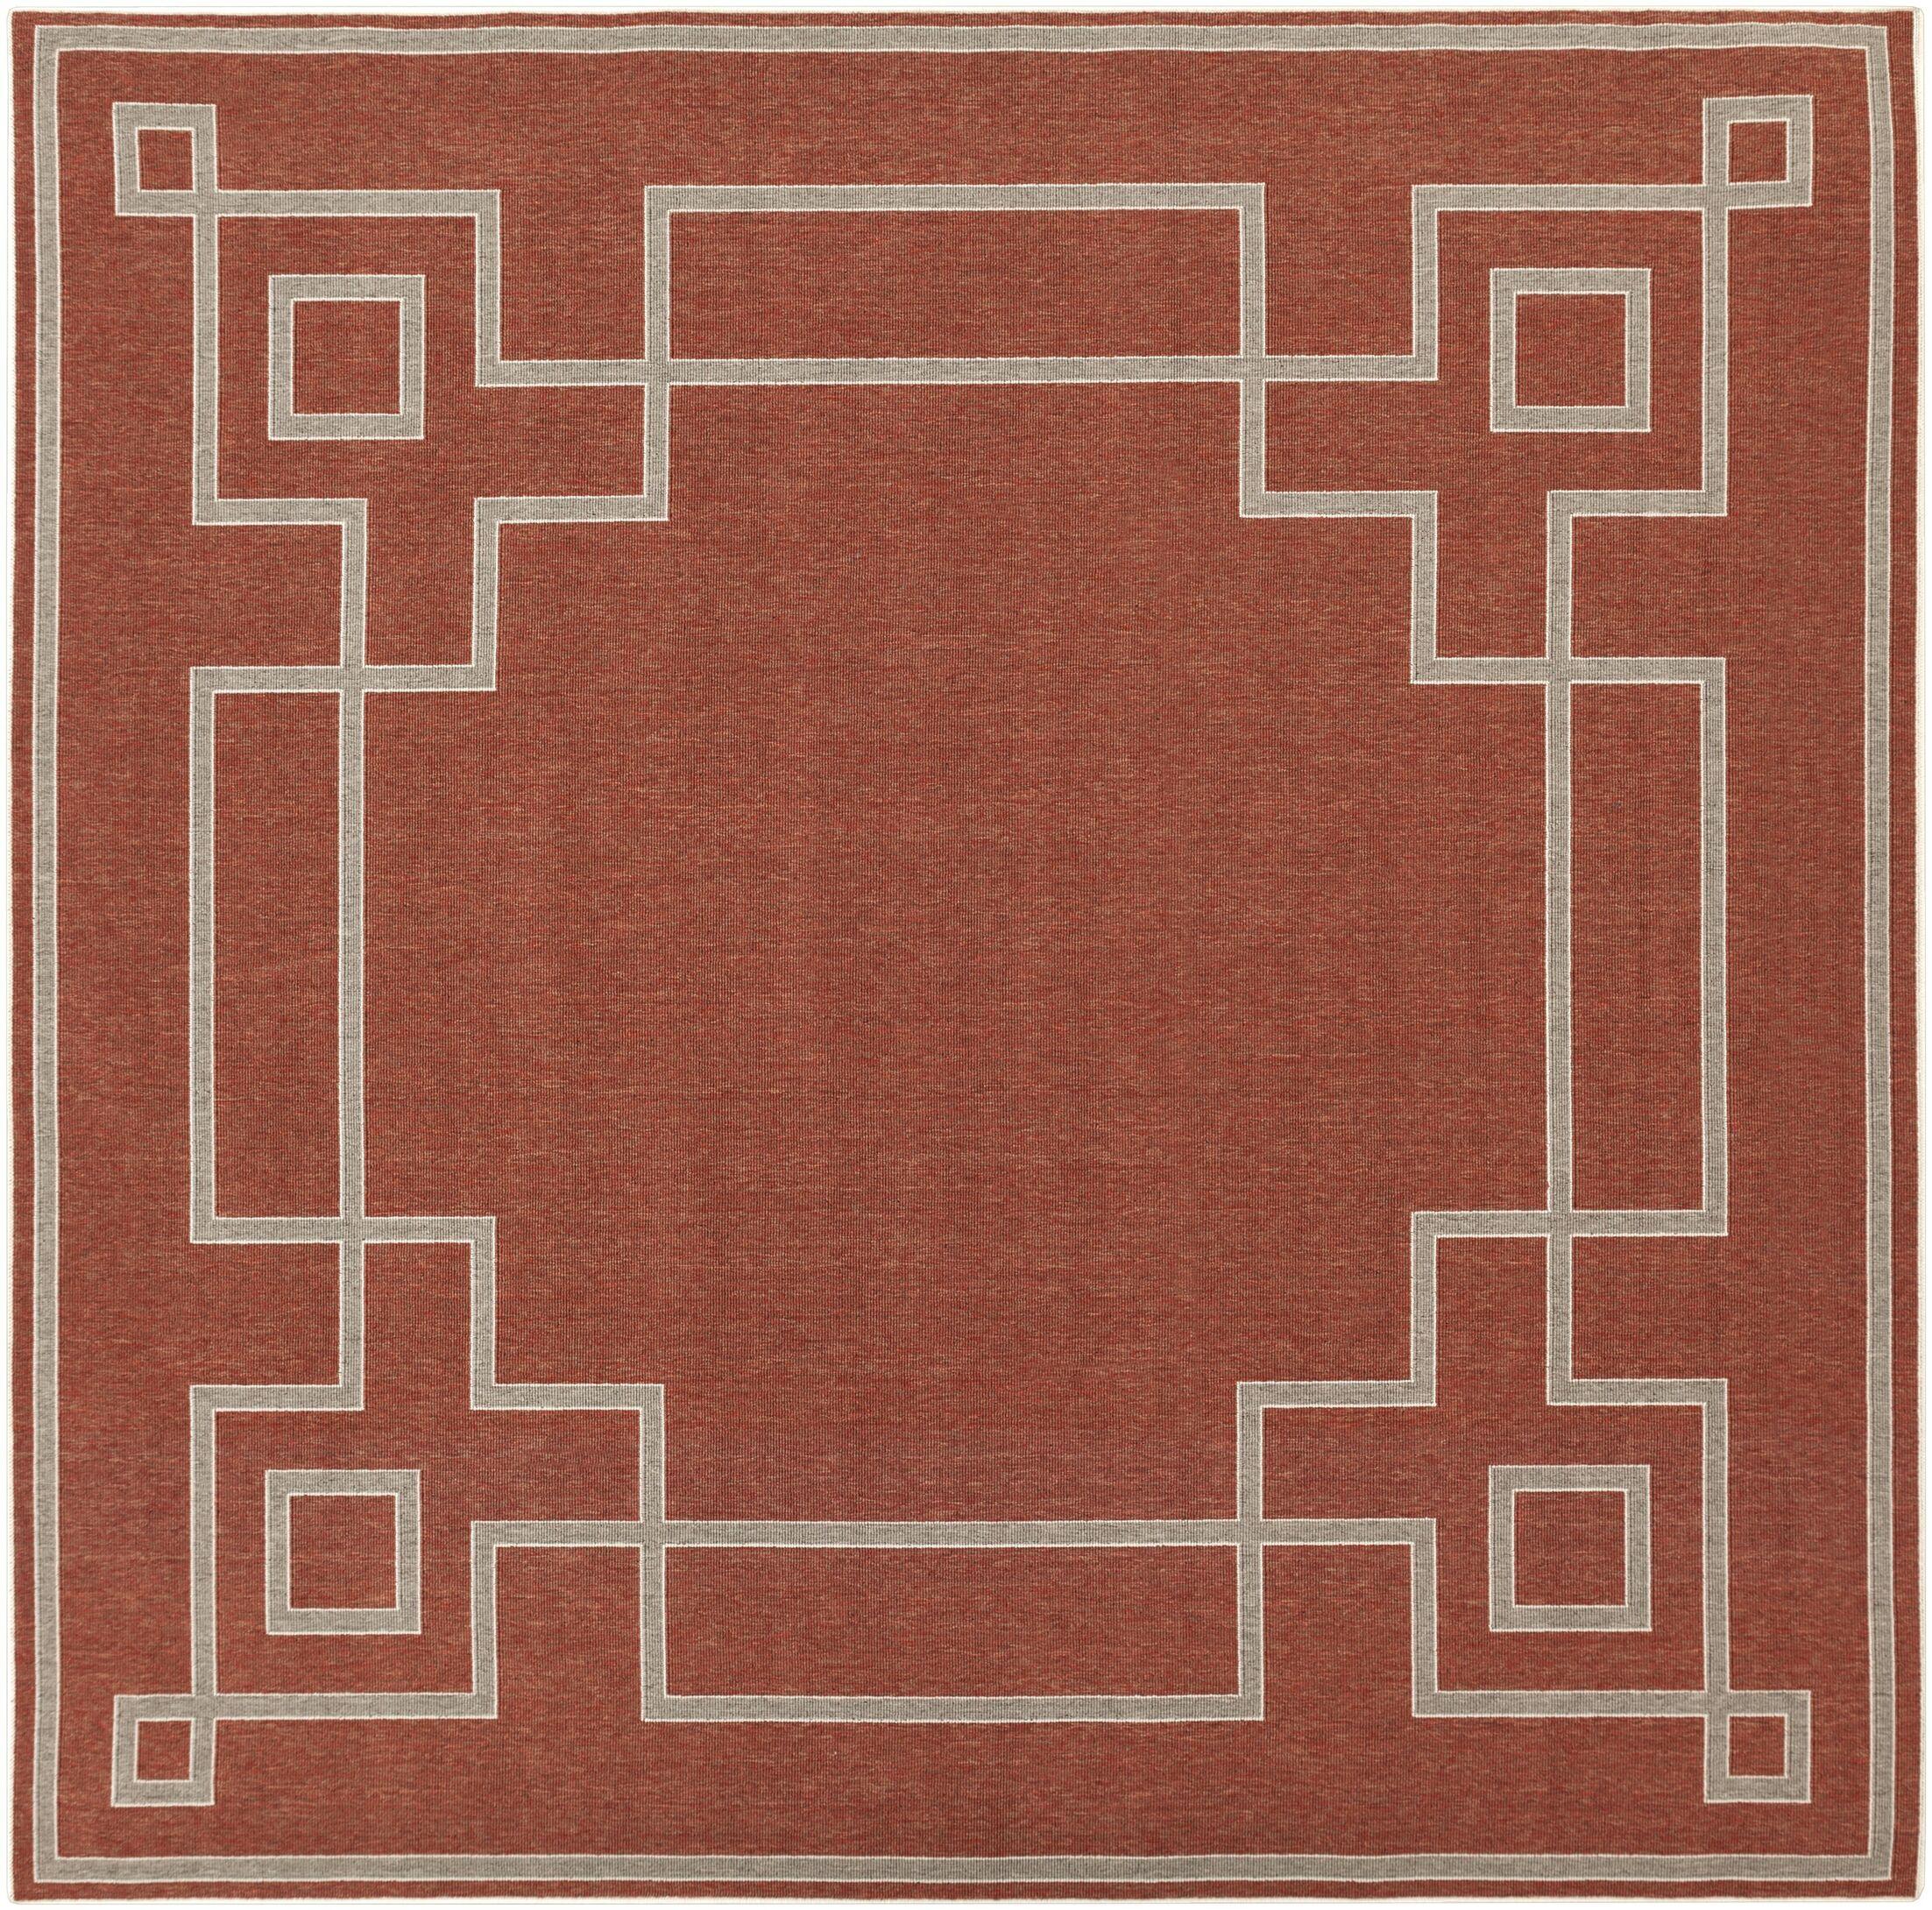 Minnie Rust/Beige Indoor/Outdoor Area Rug Rug Size: Square 8'9